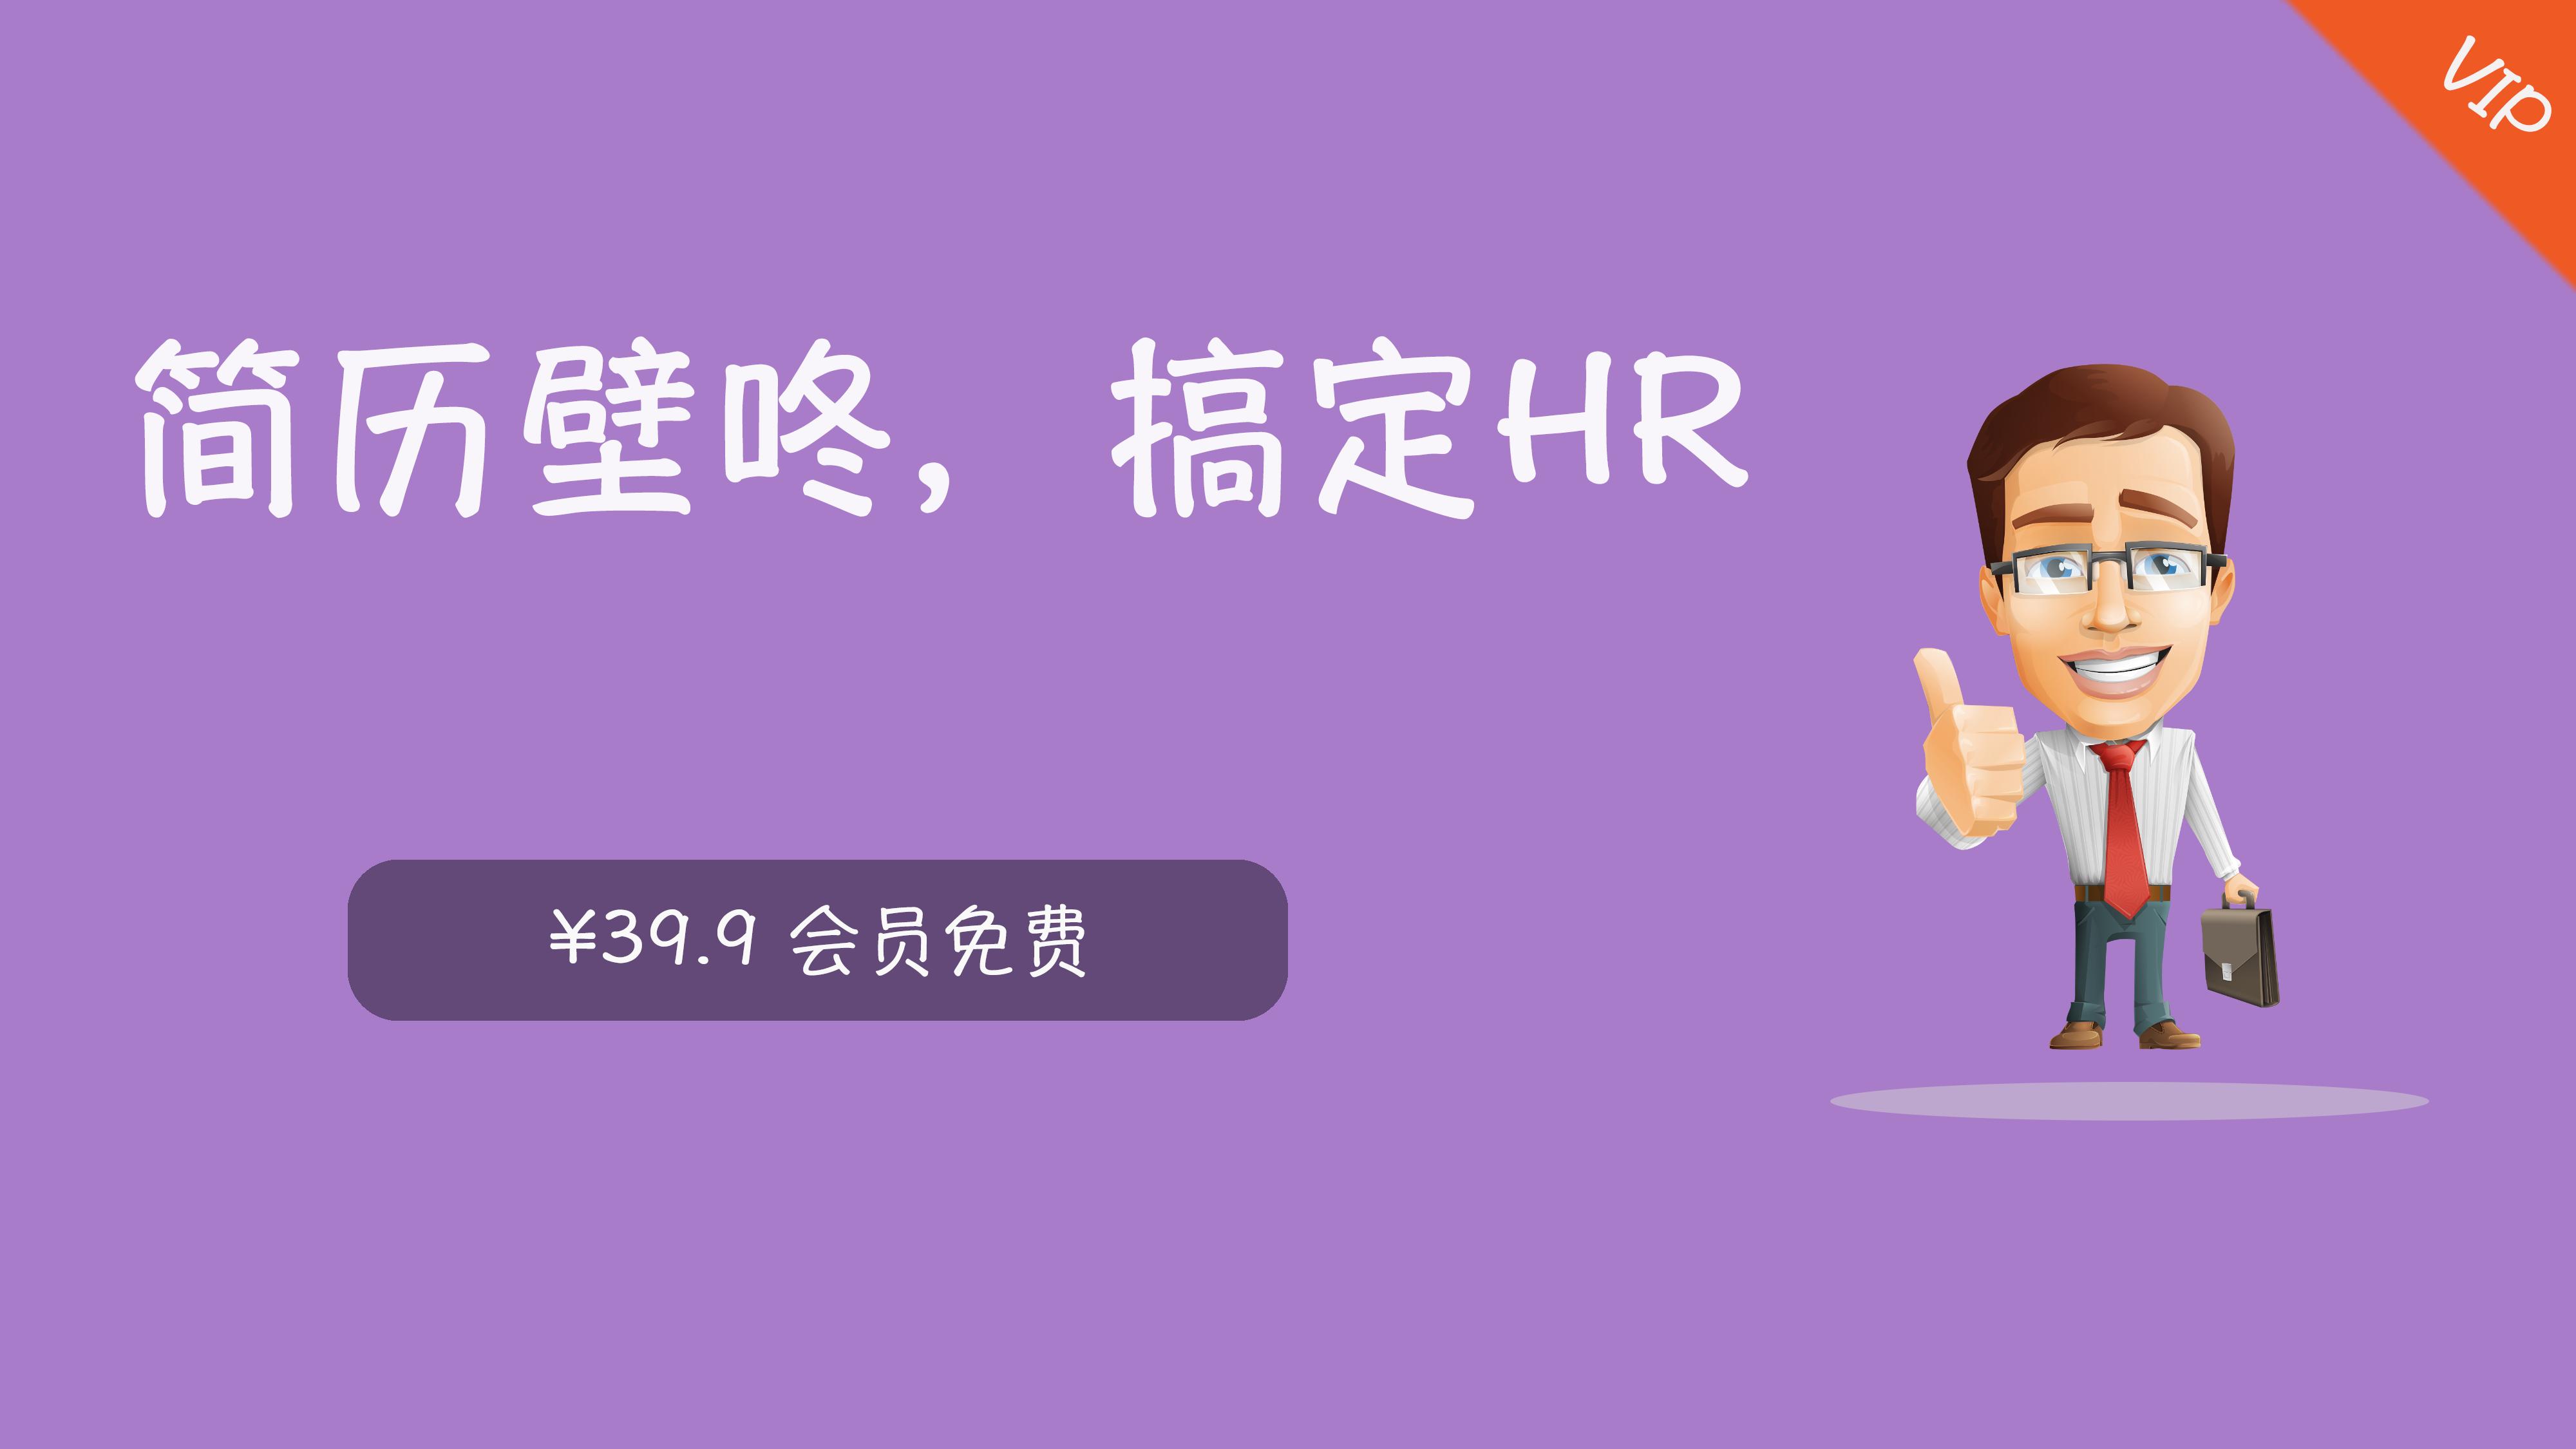 简历壁咚,搞定HR